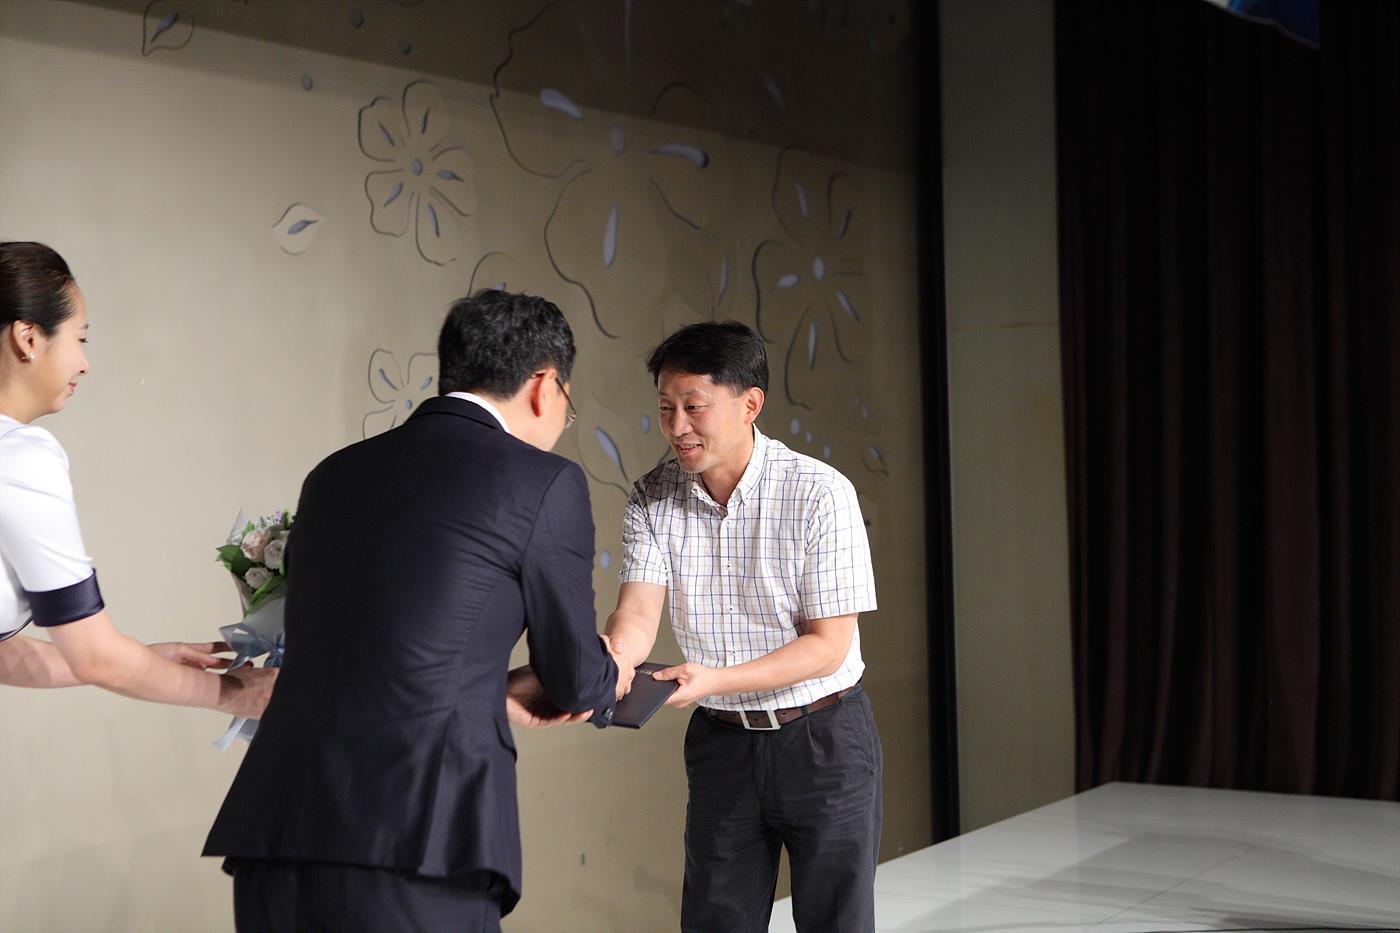 최기창 방송과기술 편집장을 대신해 공로패를 수상하는 이정택 편집장